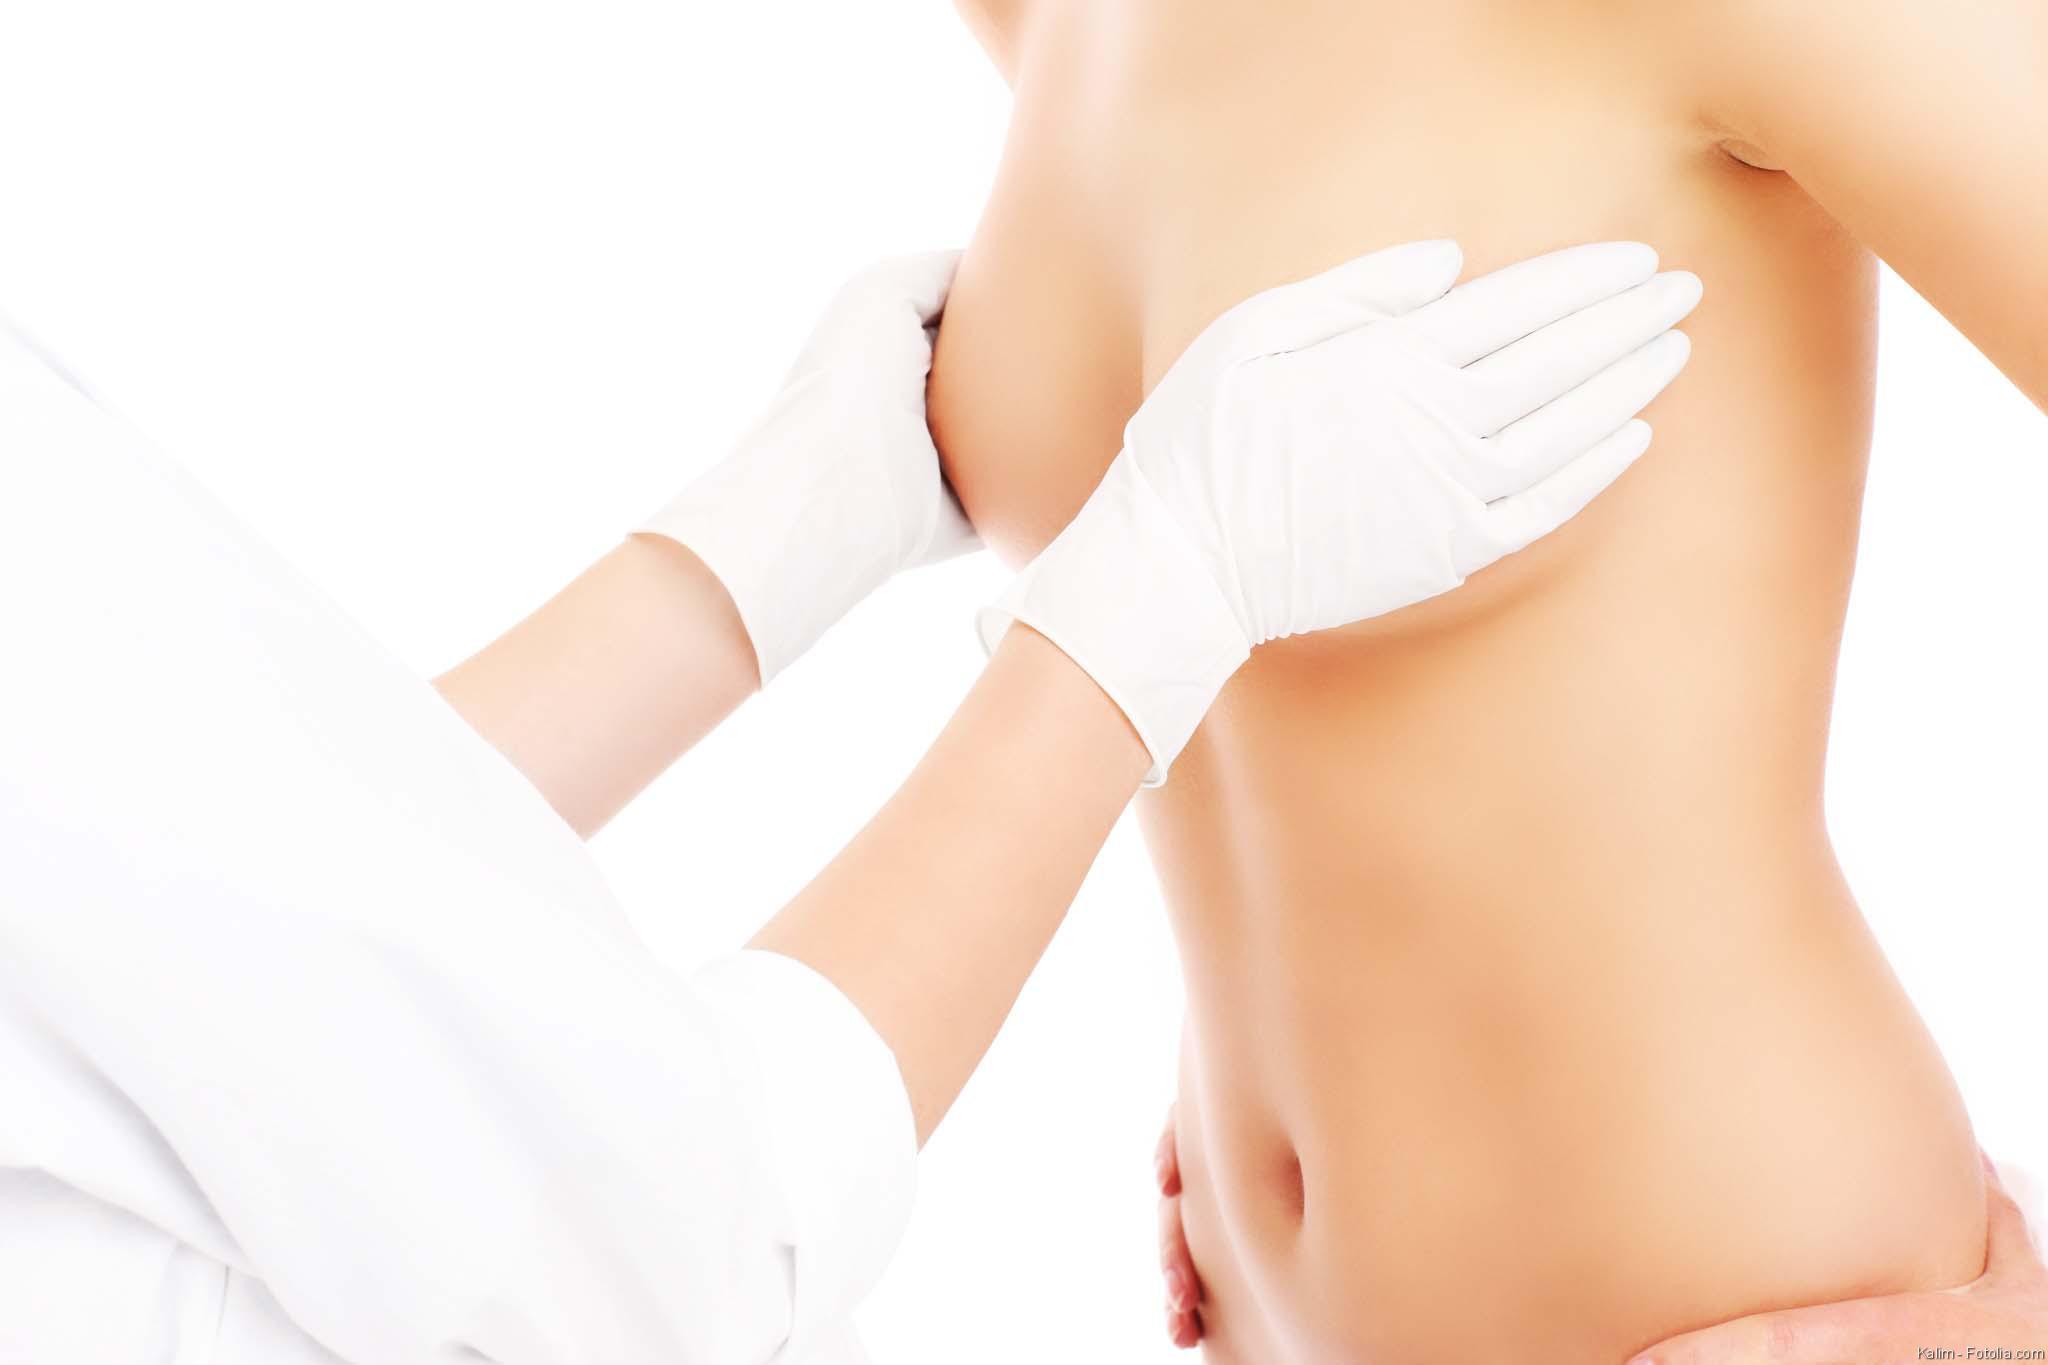 Die Erhöhung der Brust bis zur Operation der Empfehlung